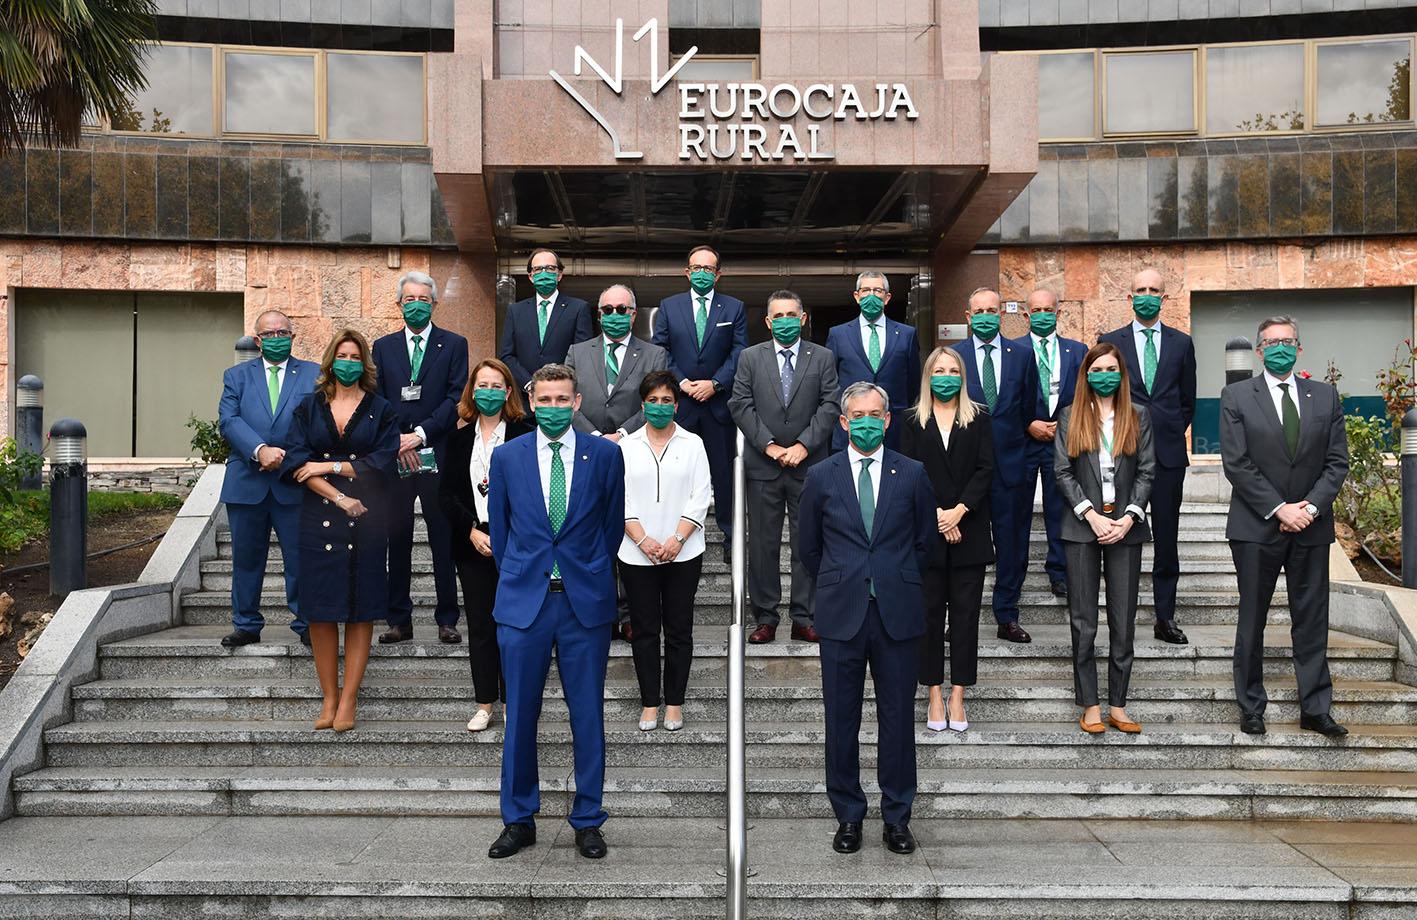 Este es el nuevo Consejo Rector de Eurocaja Rural, presidido por Javier López, quien ha sido reelegido durante otros cuatro años más.